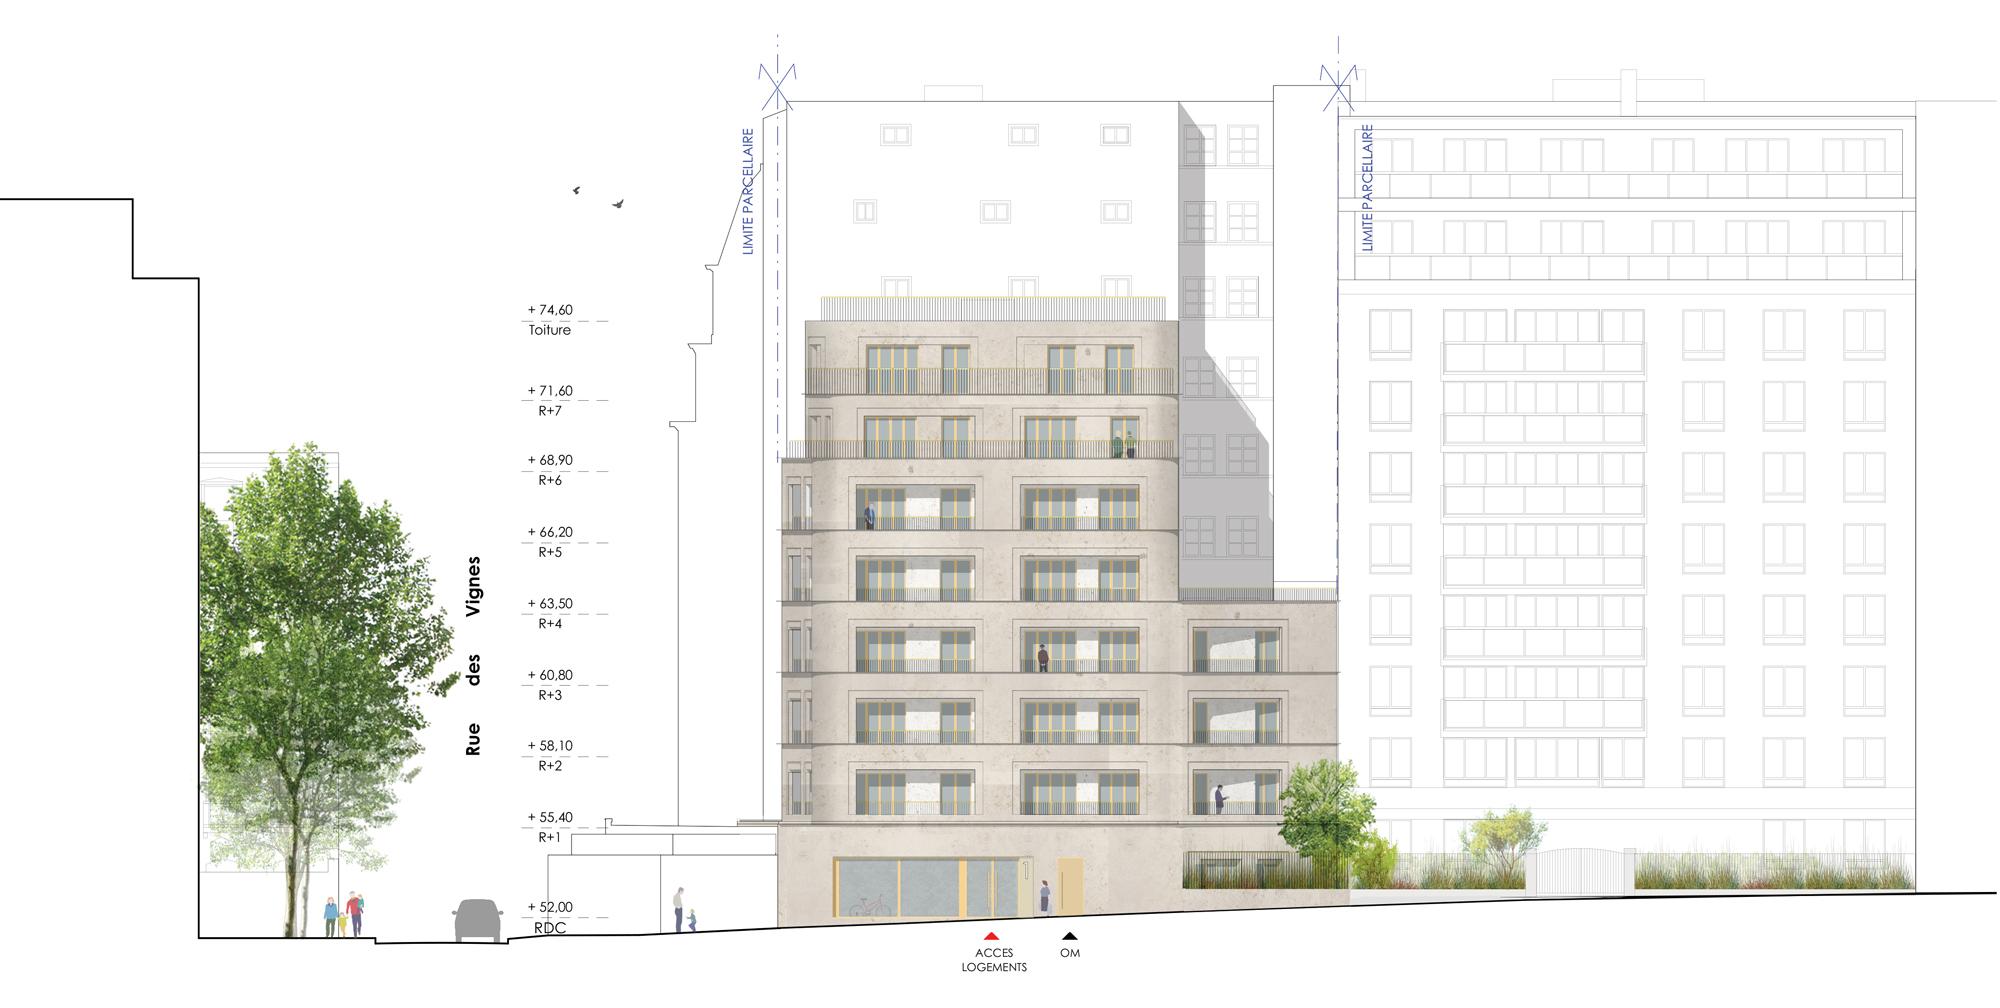 BD-Web-Bruneau-facade.jpg